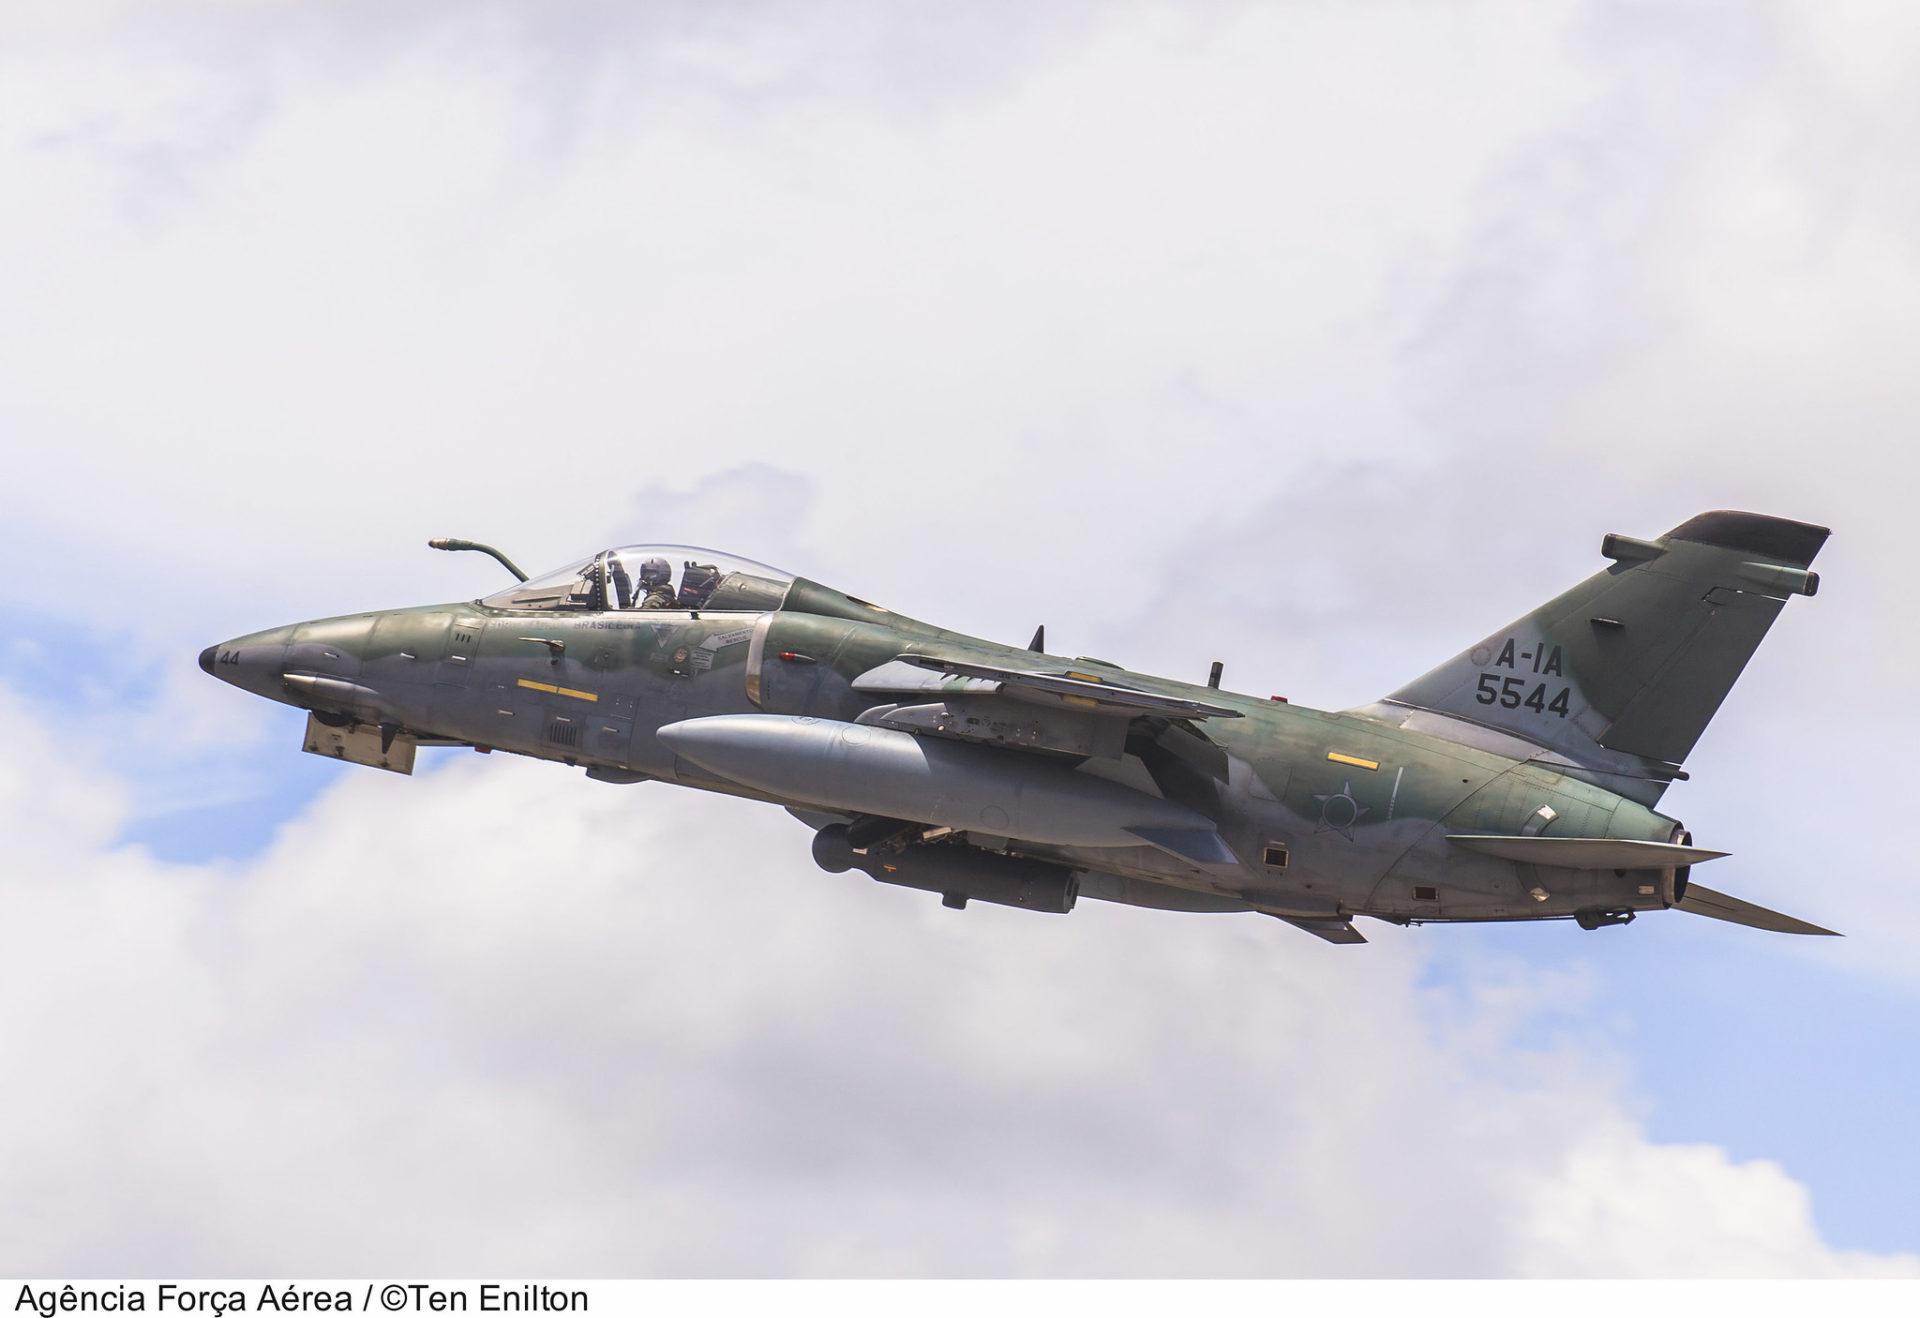 Aeronave AMX A-1A, semelhante a que caiu em Viamão  Crédito: Ten Enilton / Agência Força Aérea / FAB